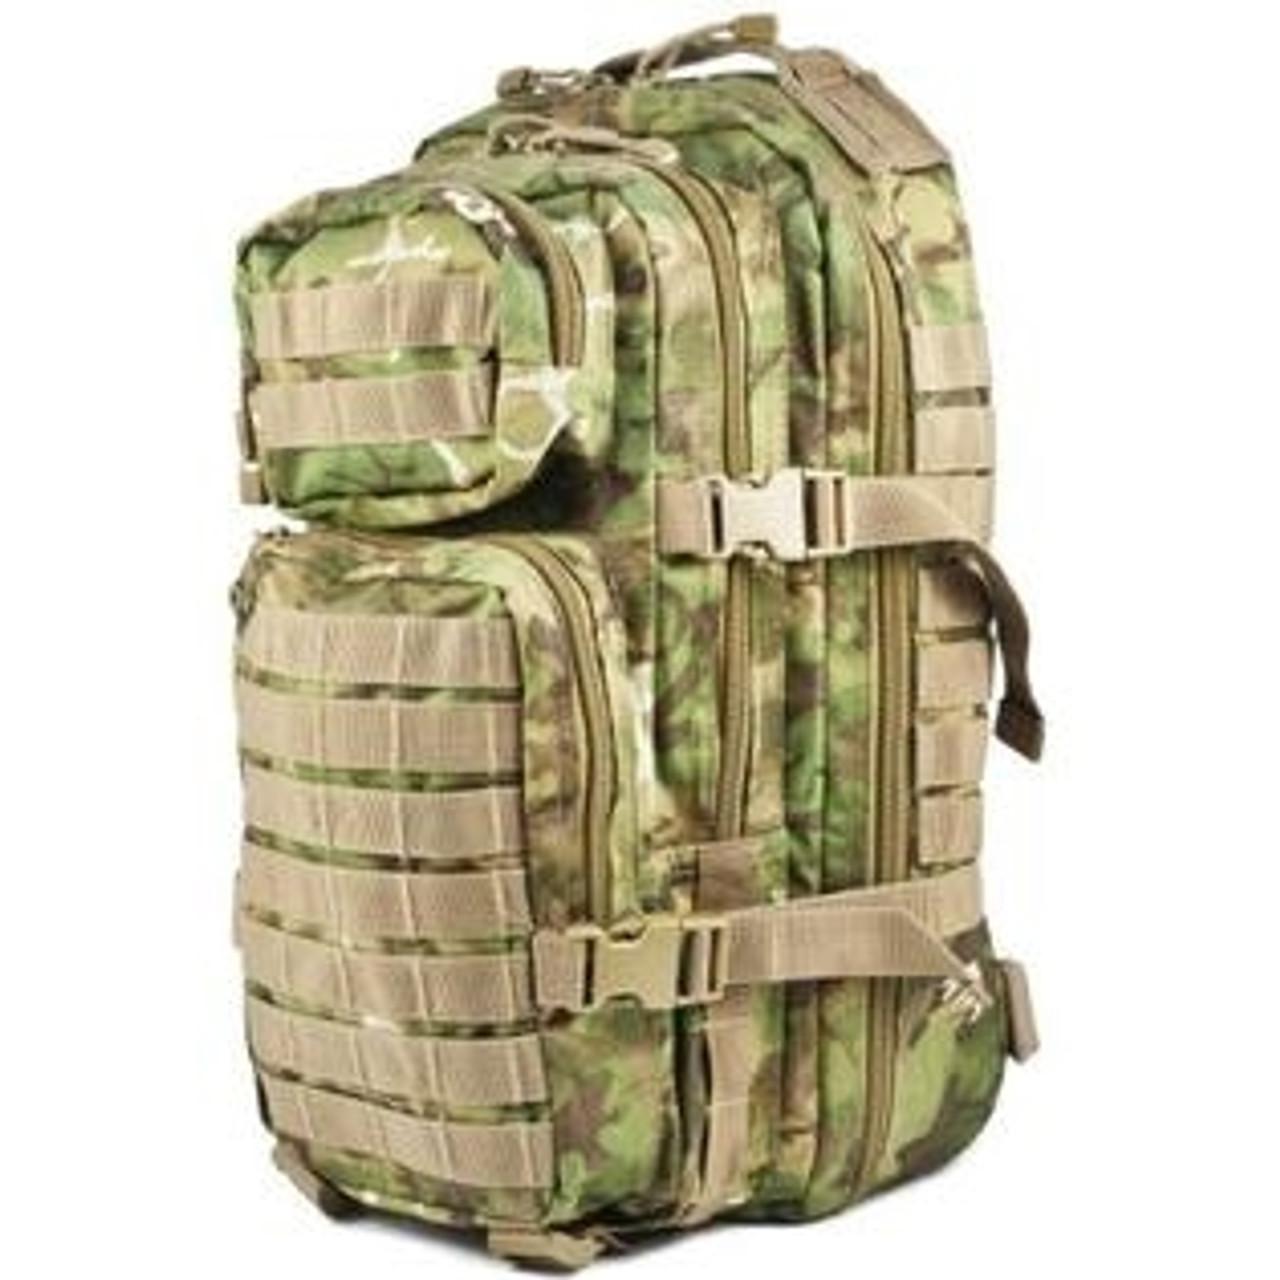 ARID Woodland Assault Pack - Small Hessen Antique